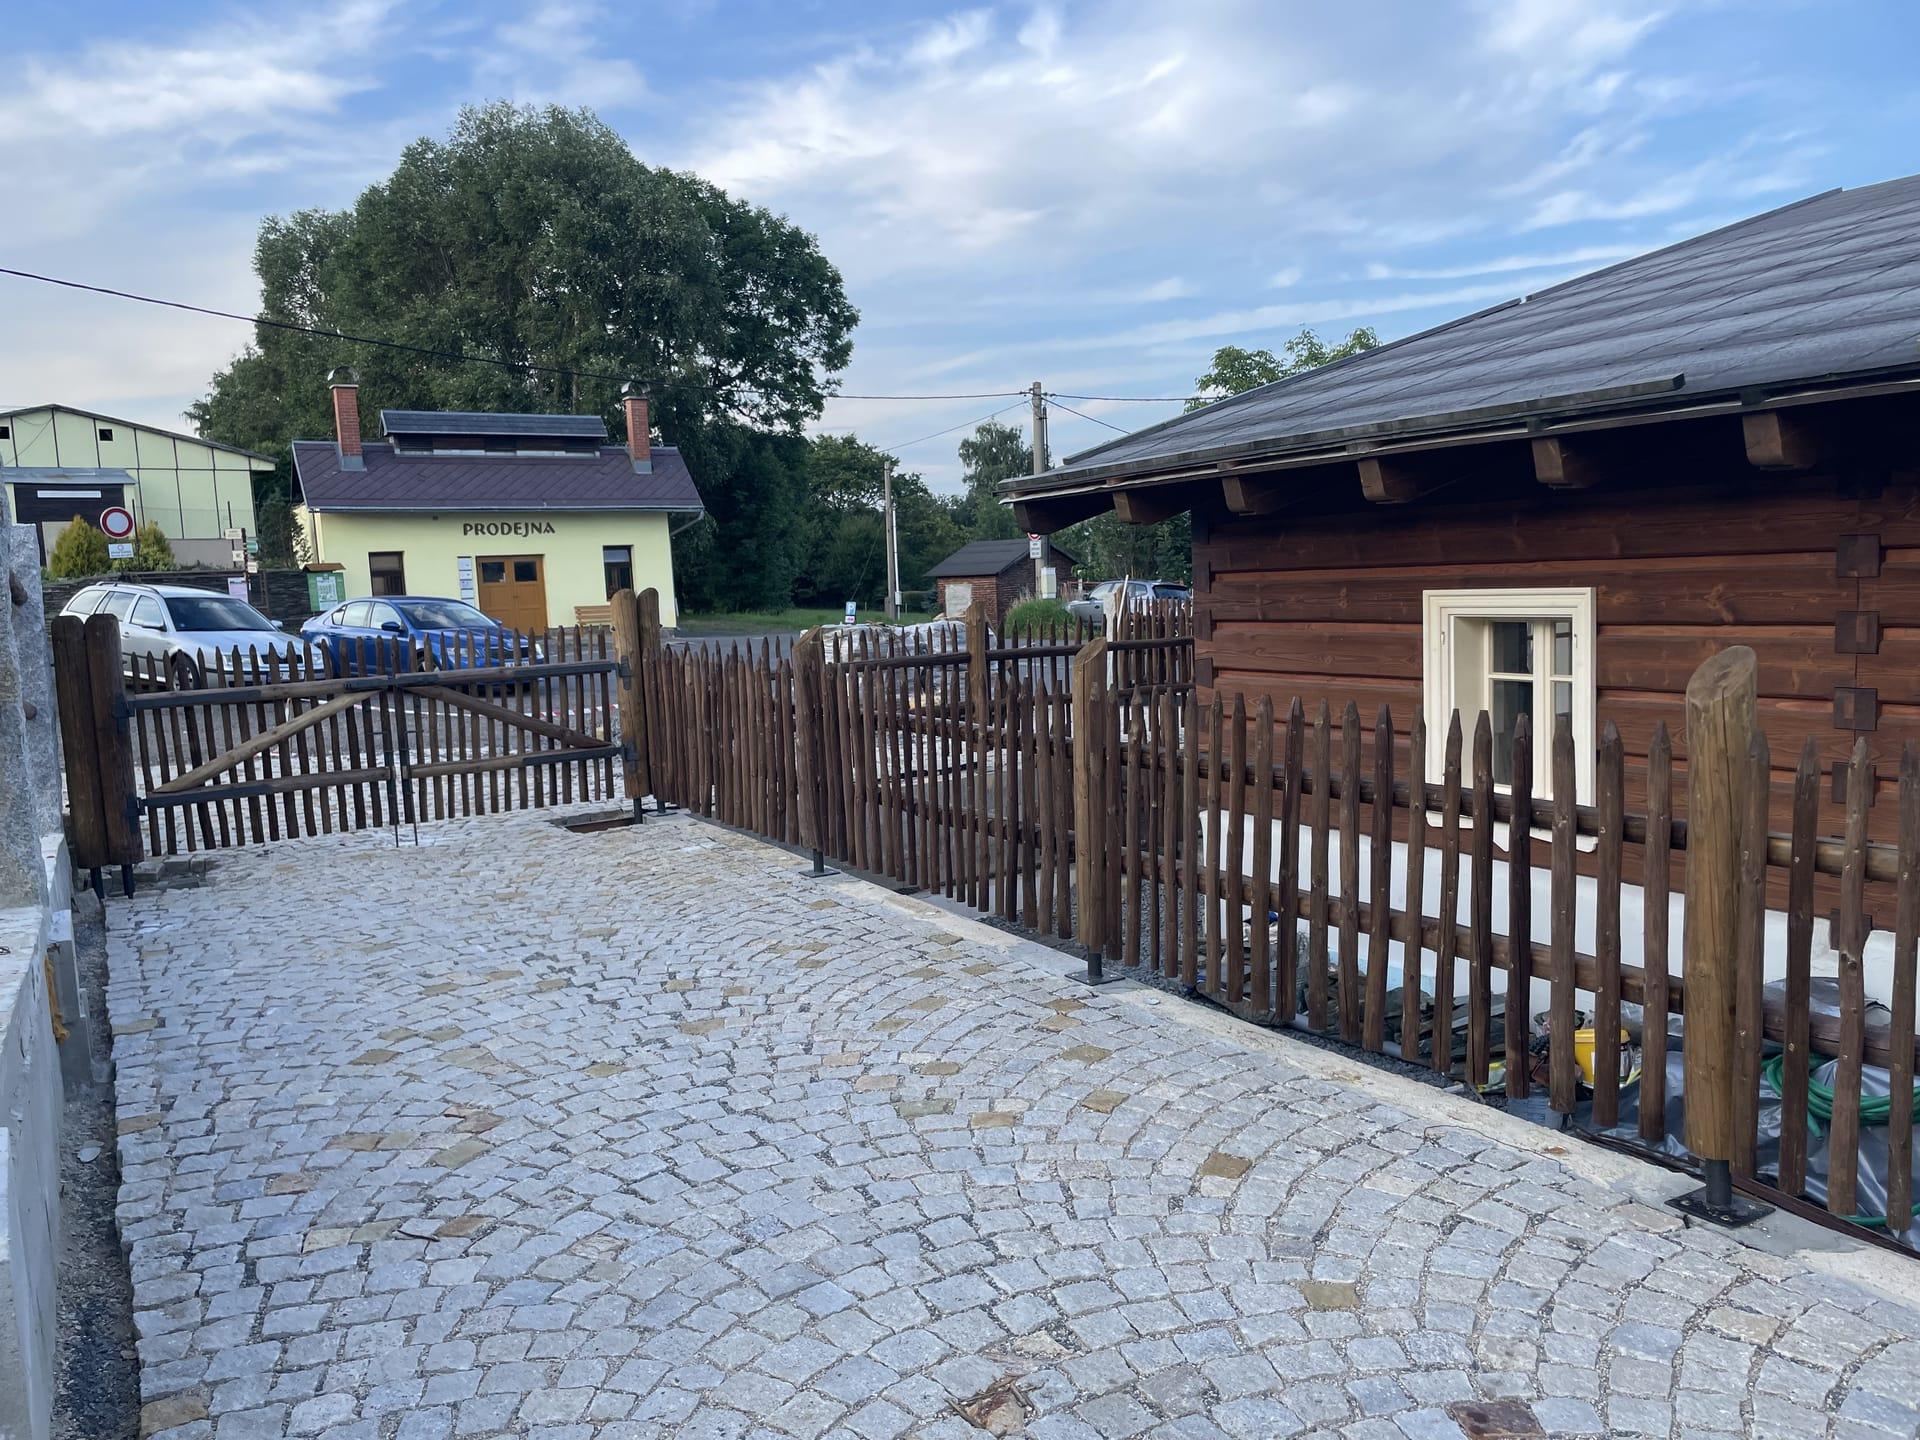 Obrázek 3 / Dřevěné ploty - ručně opracovaný   - realizace Pěnčín 8-2021